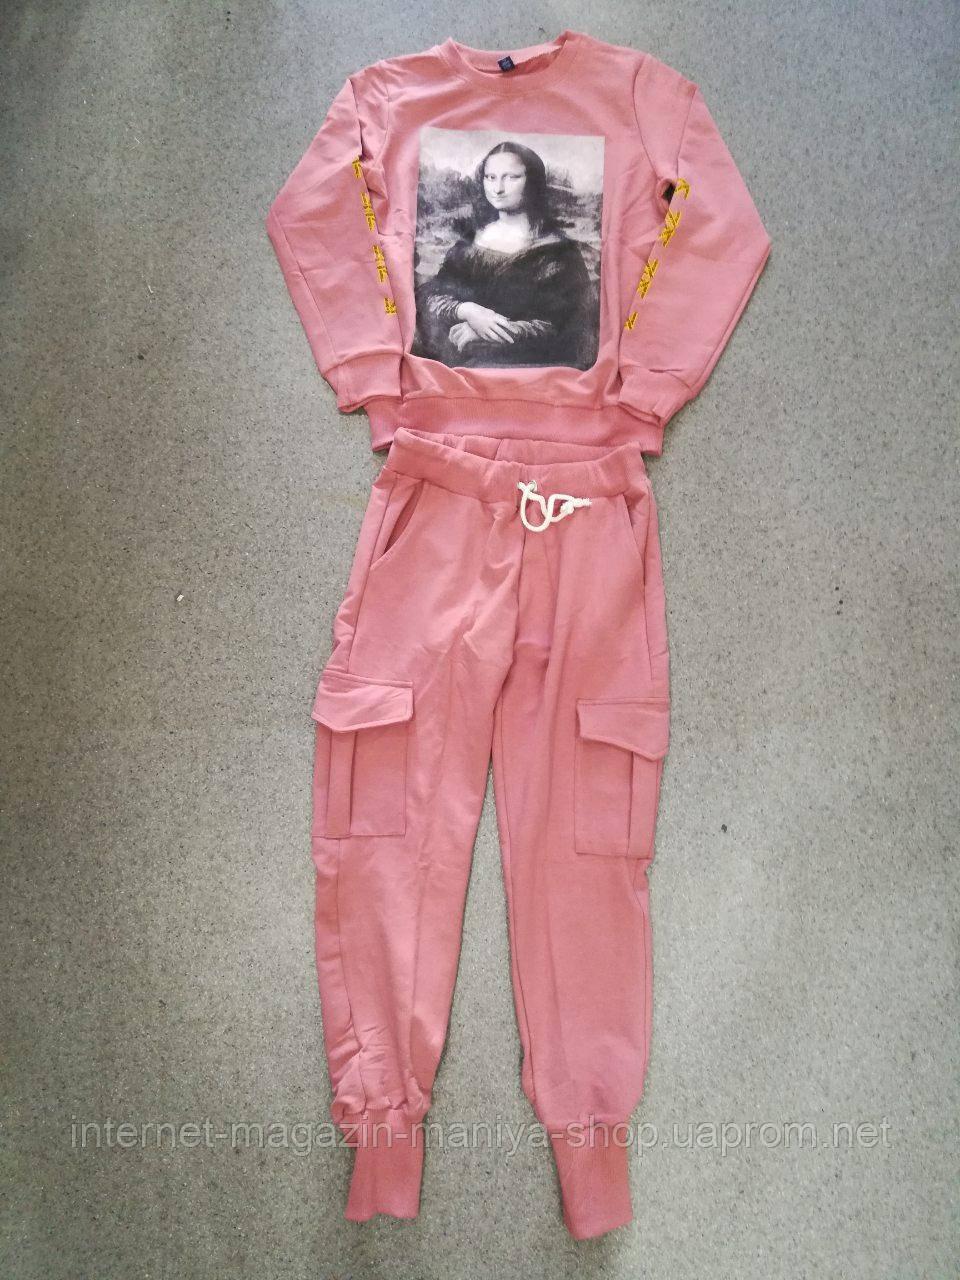 Спортивный костюм женский с капюшоном менжеты рисунок Мона Лиза карманы S-XL (деми)